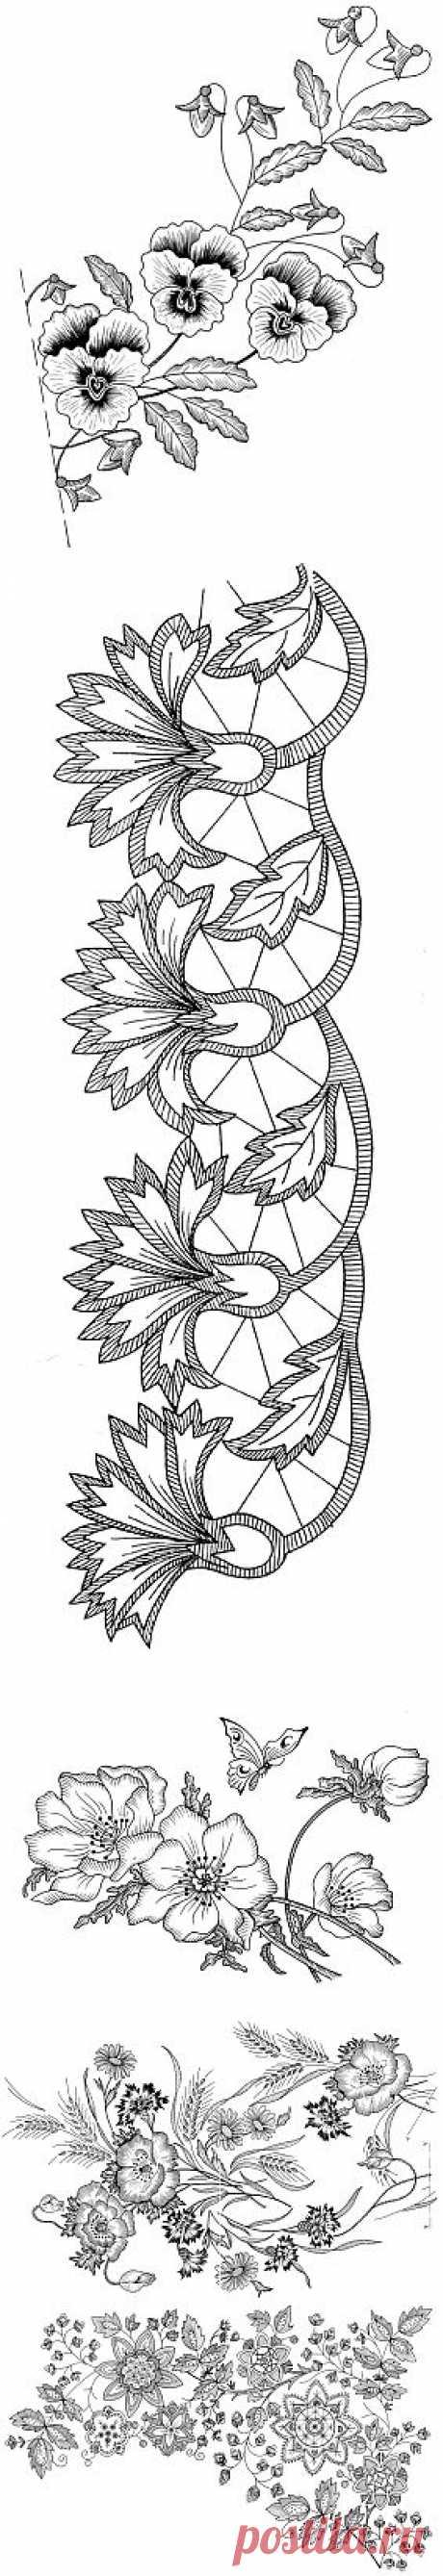 Галерея цветочных мотивов для вышивания .